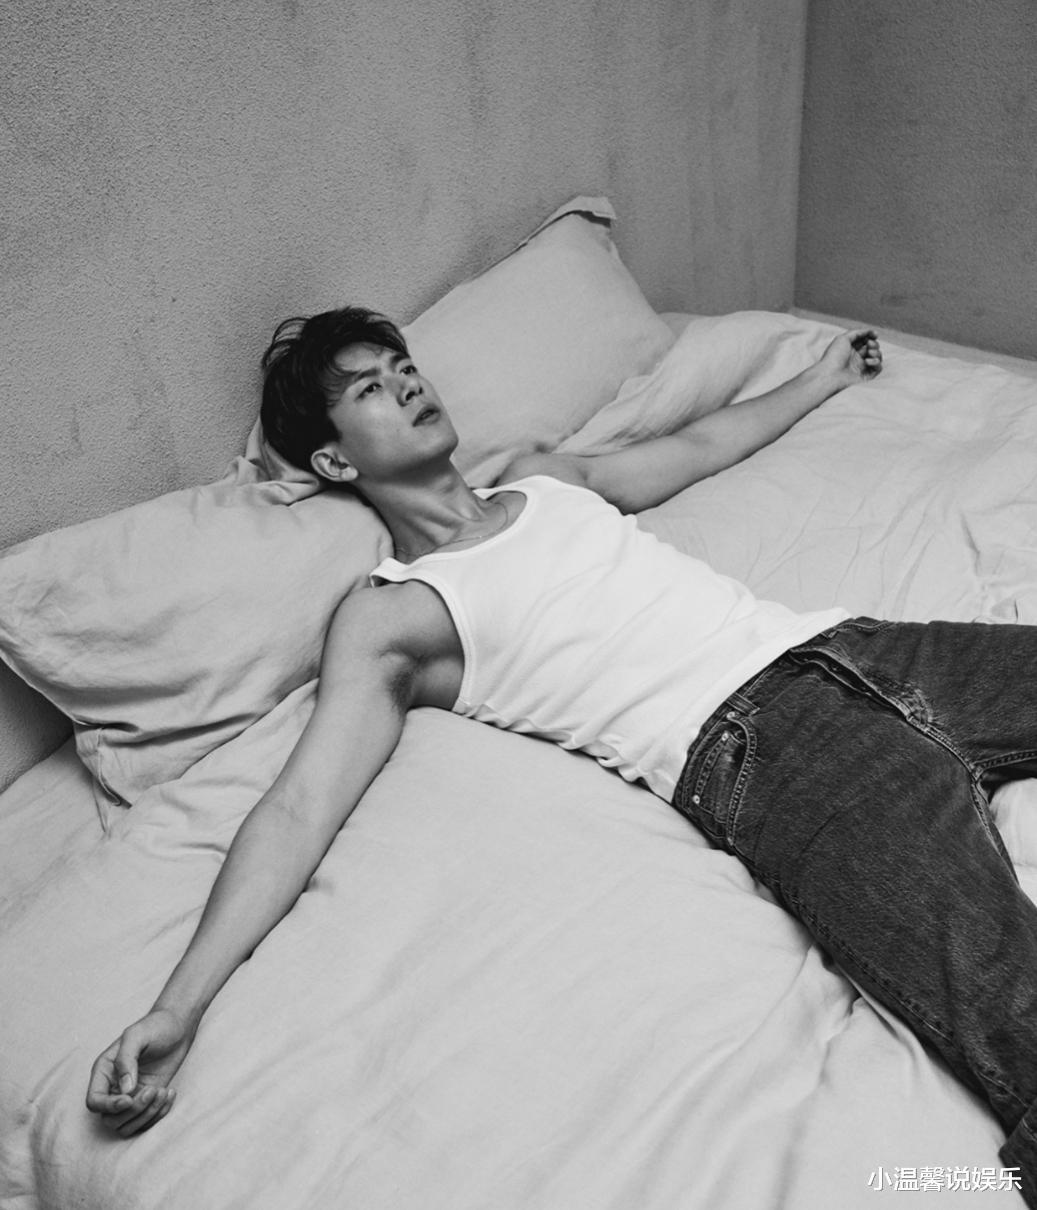 李现情人节3连拍,躺在床上秀肌肉,一细节引起网友不满